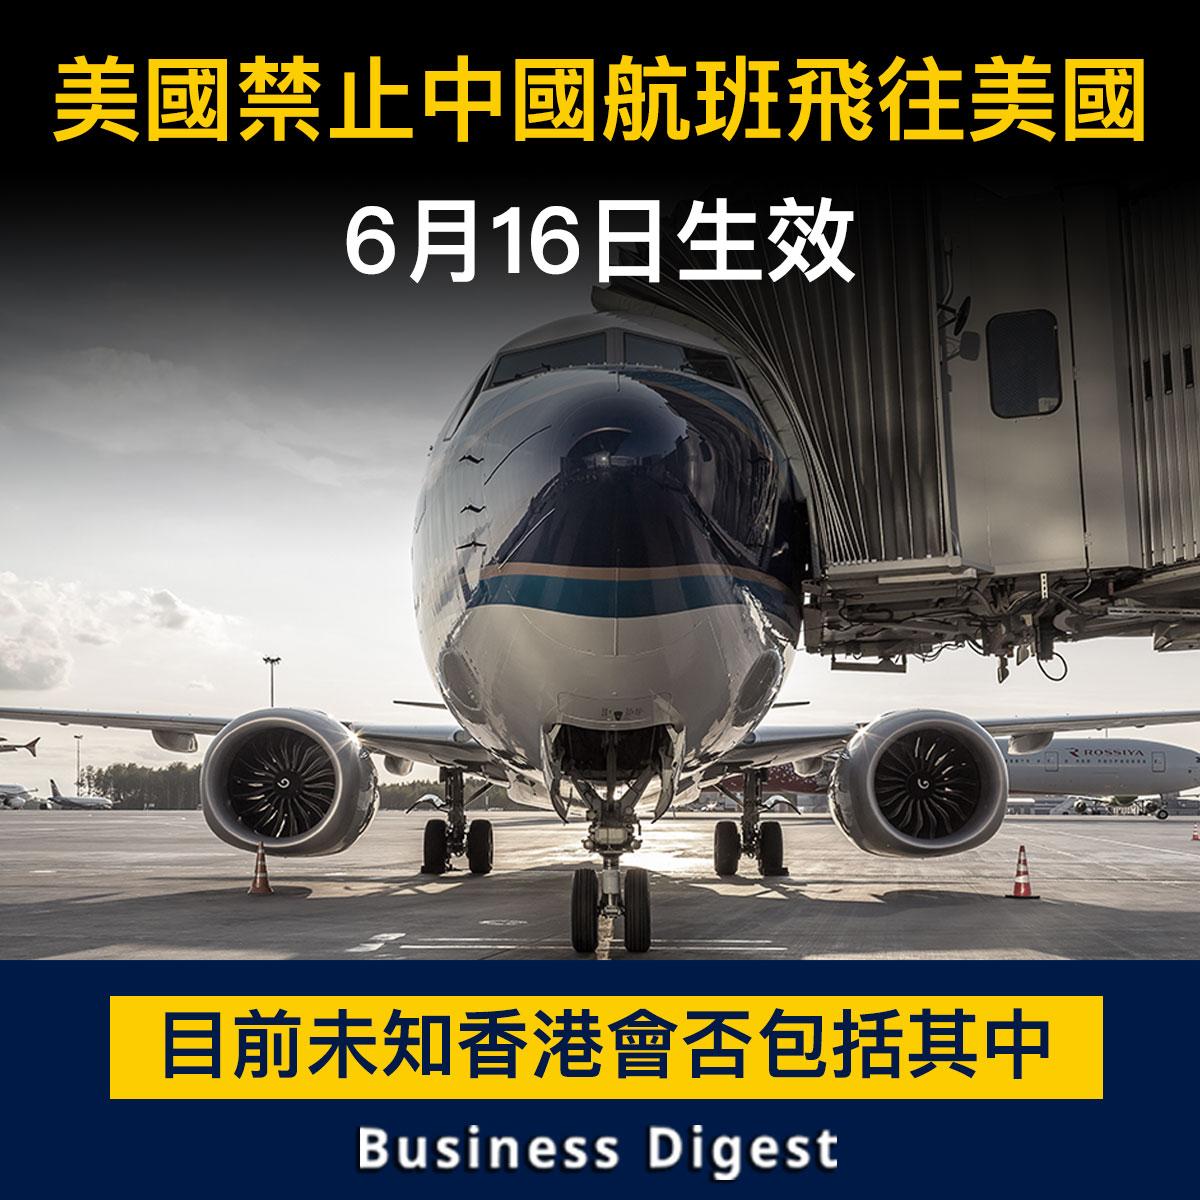 【經濟大事件】美國禁止中國航班飛往美國,6月16日生效